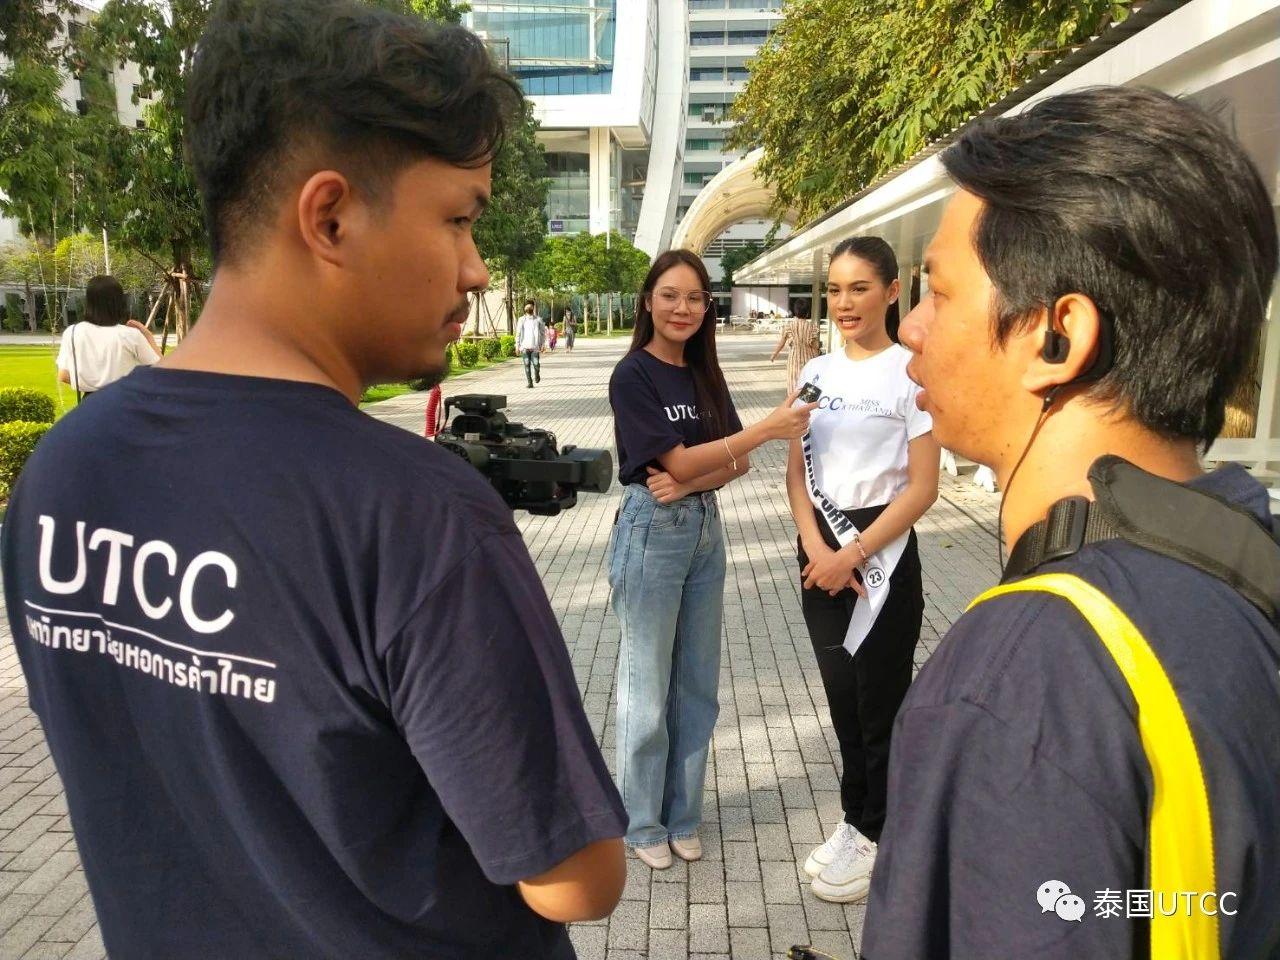 泰国商会大学学生真正参与2020年泰国小姐选美比赛有关工作